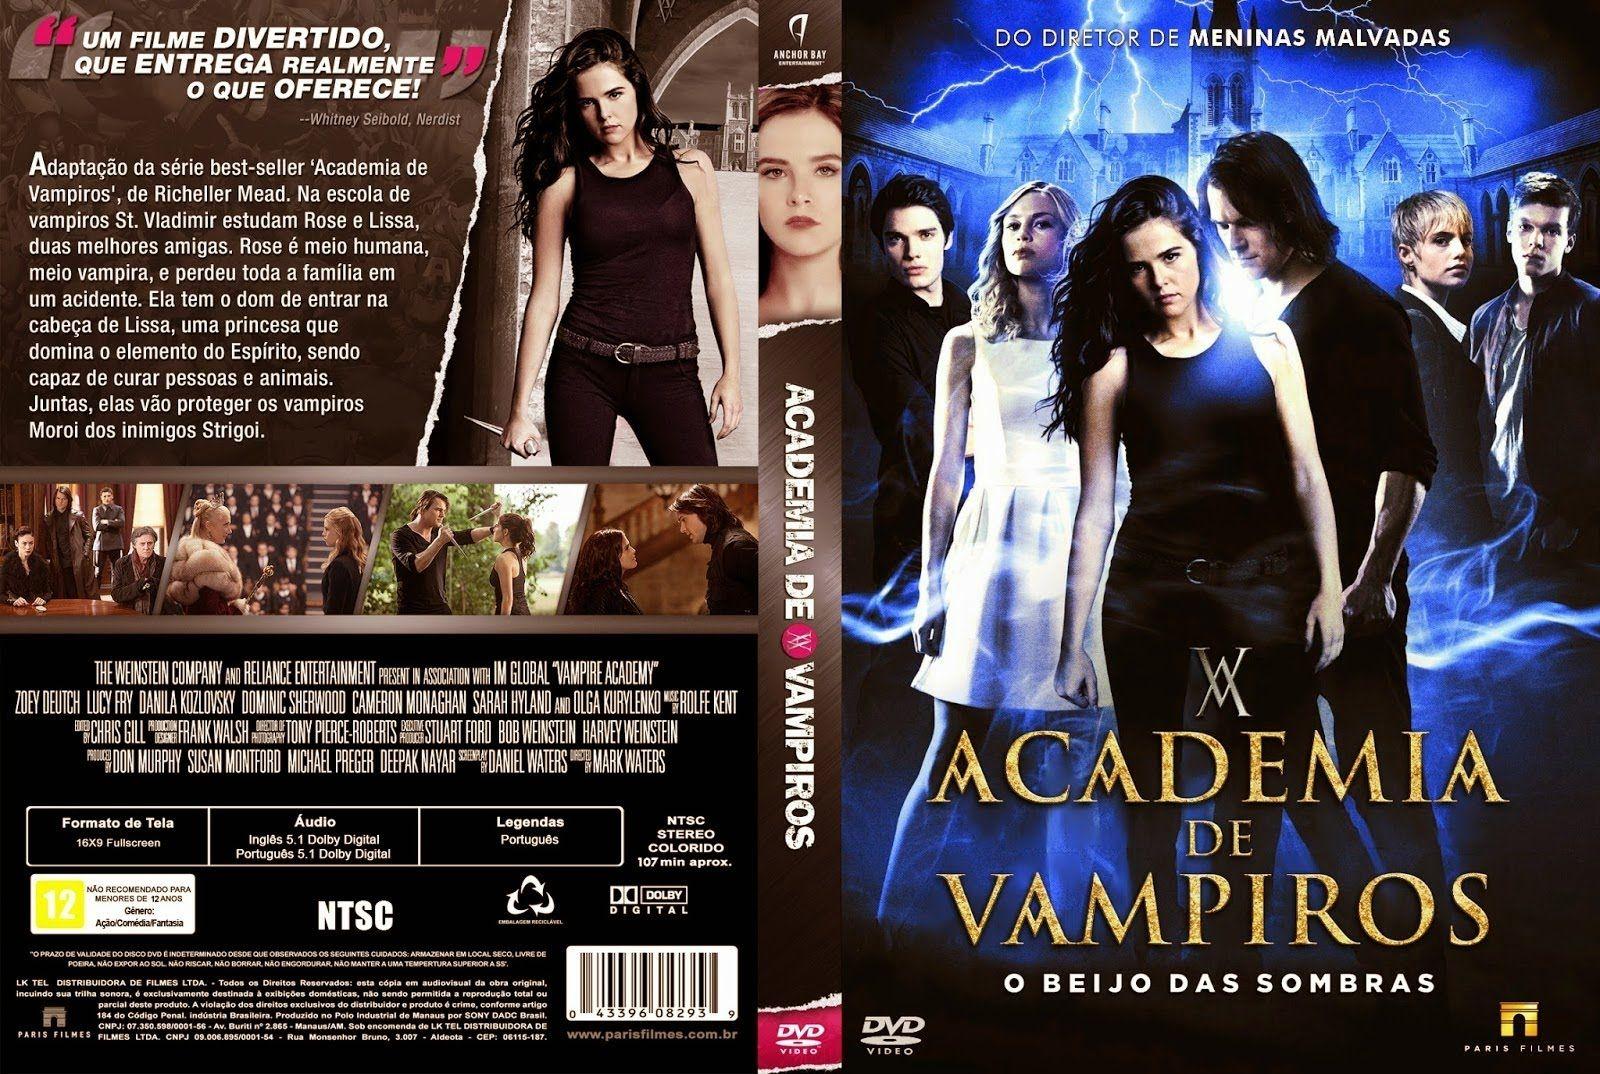 Filme Academia De Vampiros O Beijo Das Sombras Completo Dublado Filme Academia De Vampiros Academia De Vampiros Filmes De Acao